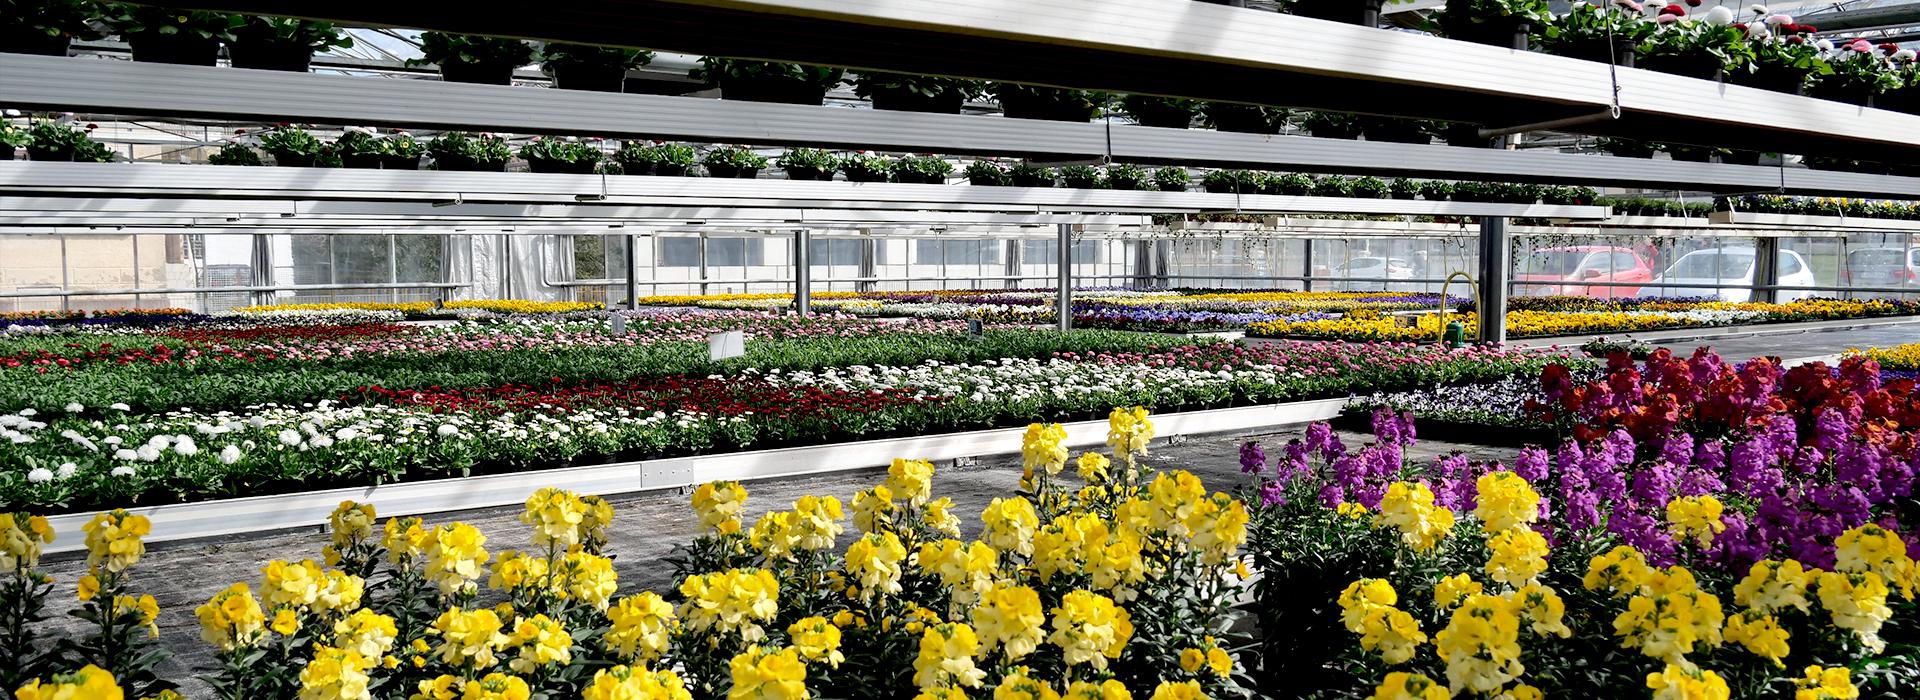 Blumen-bosch-slide04